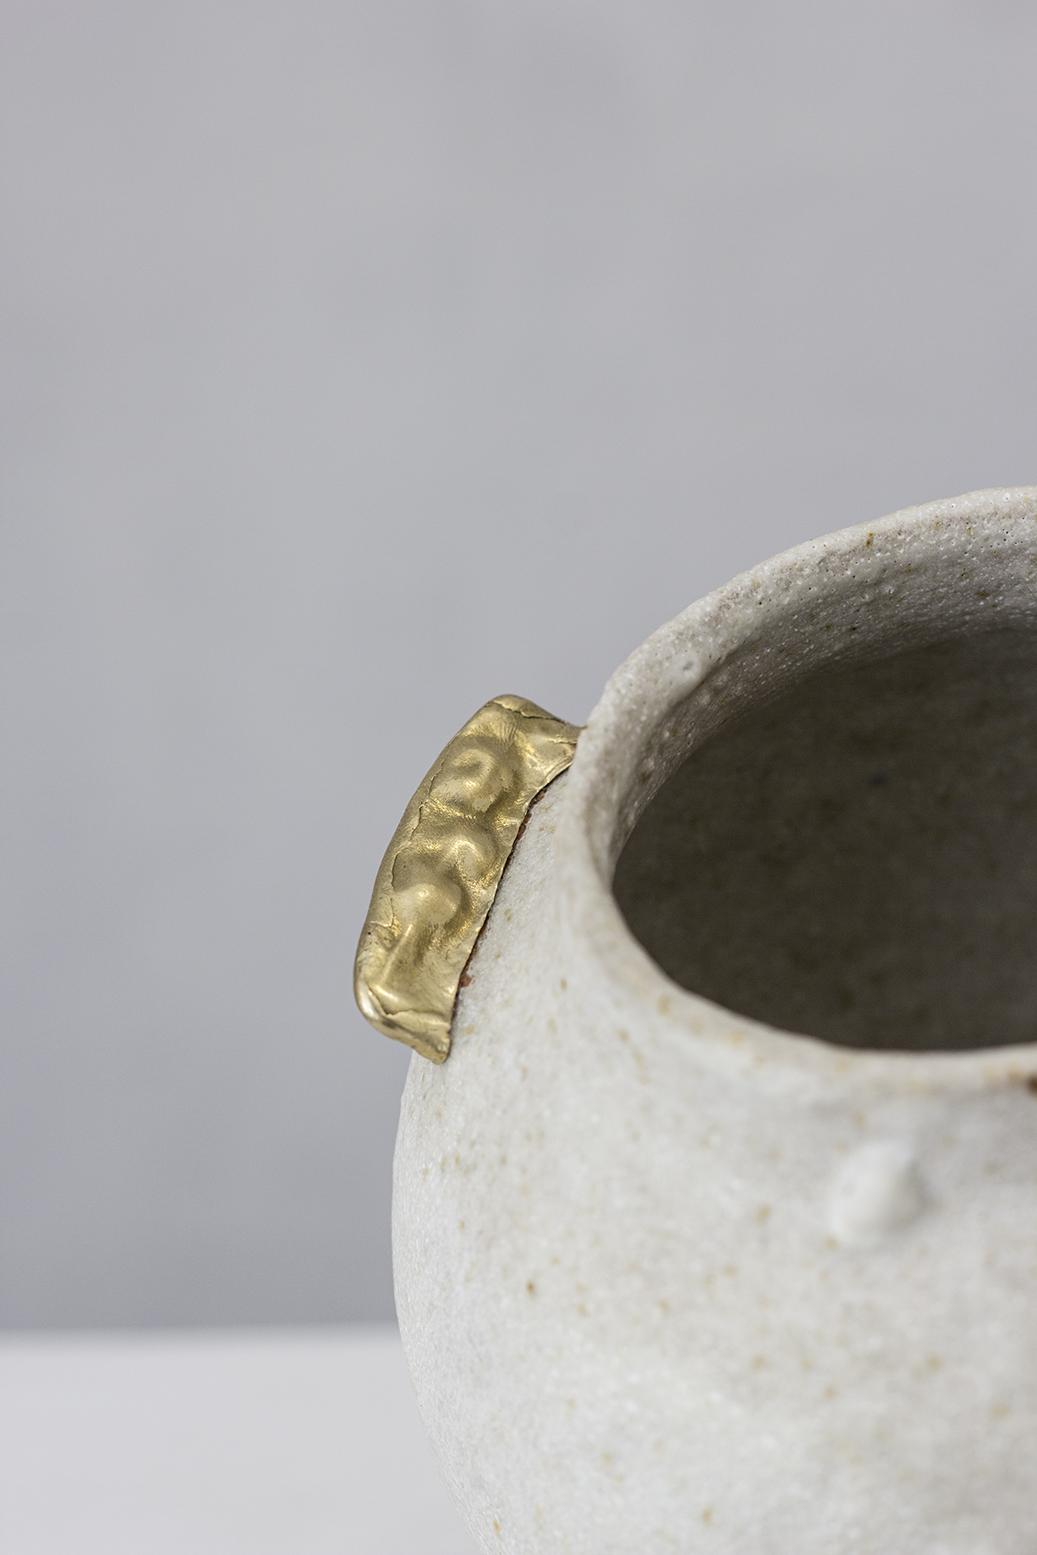 Canoalab NUEVO ceramica y metal 7